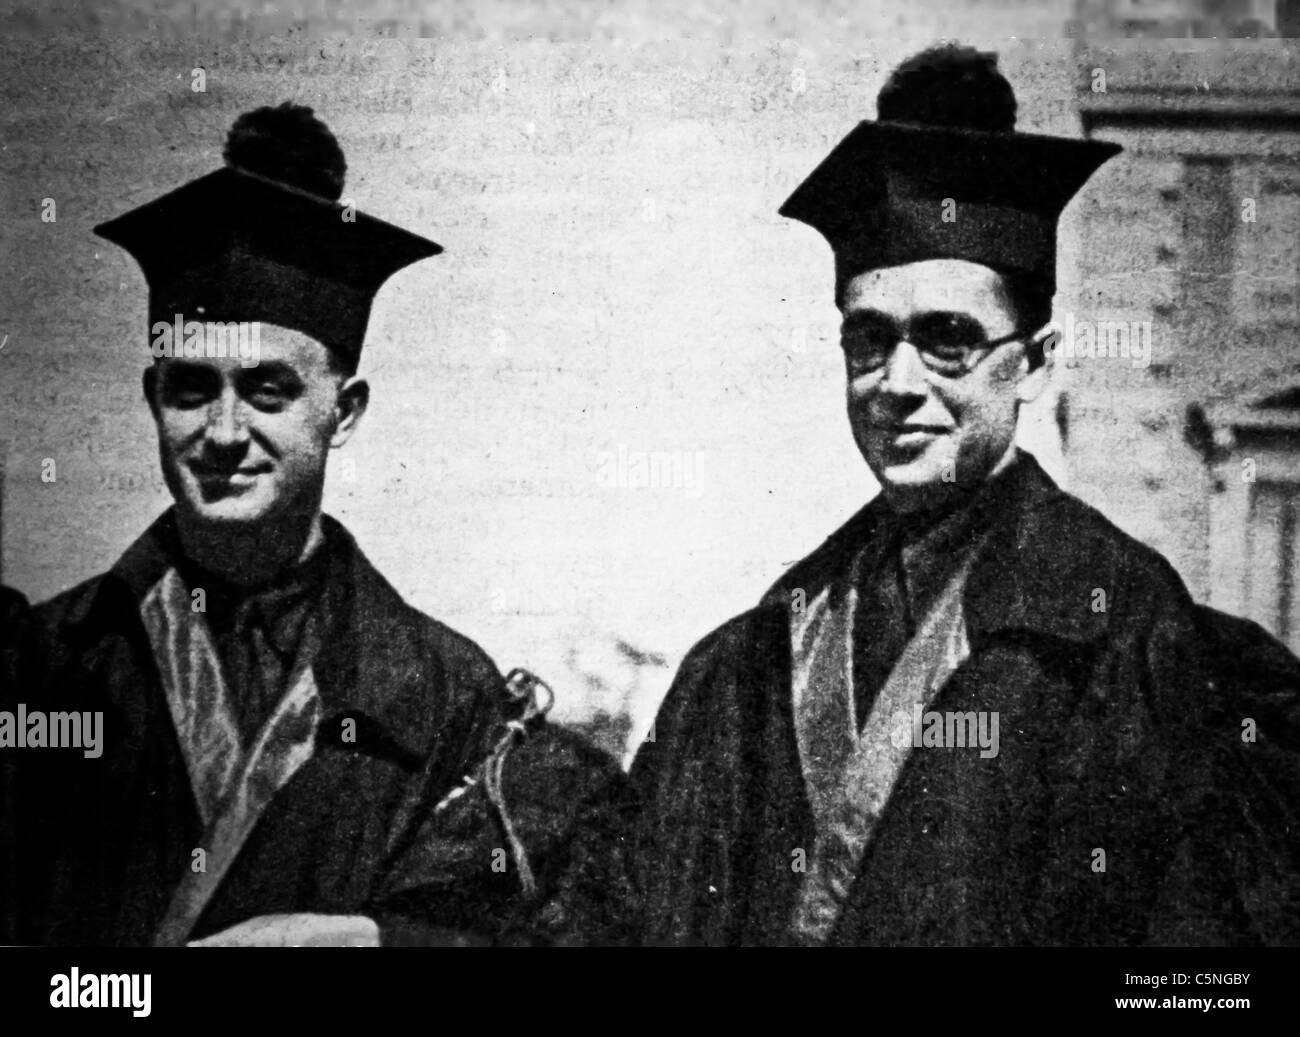 Enrico Fermi, Emilio Segrè, 1930 - Stock Image